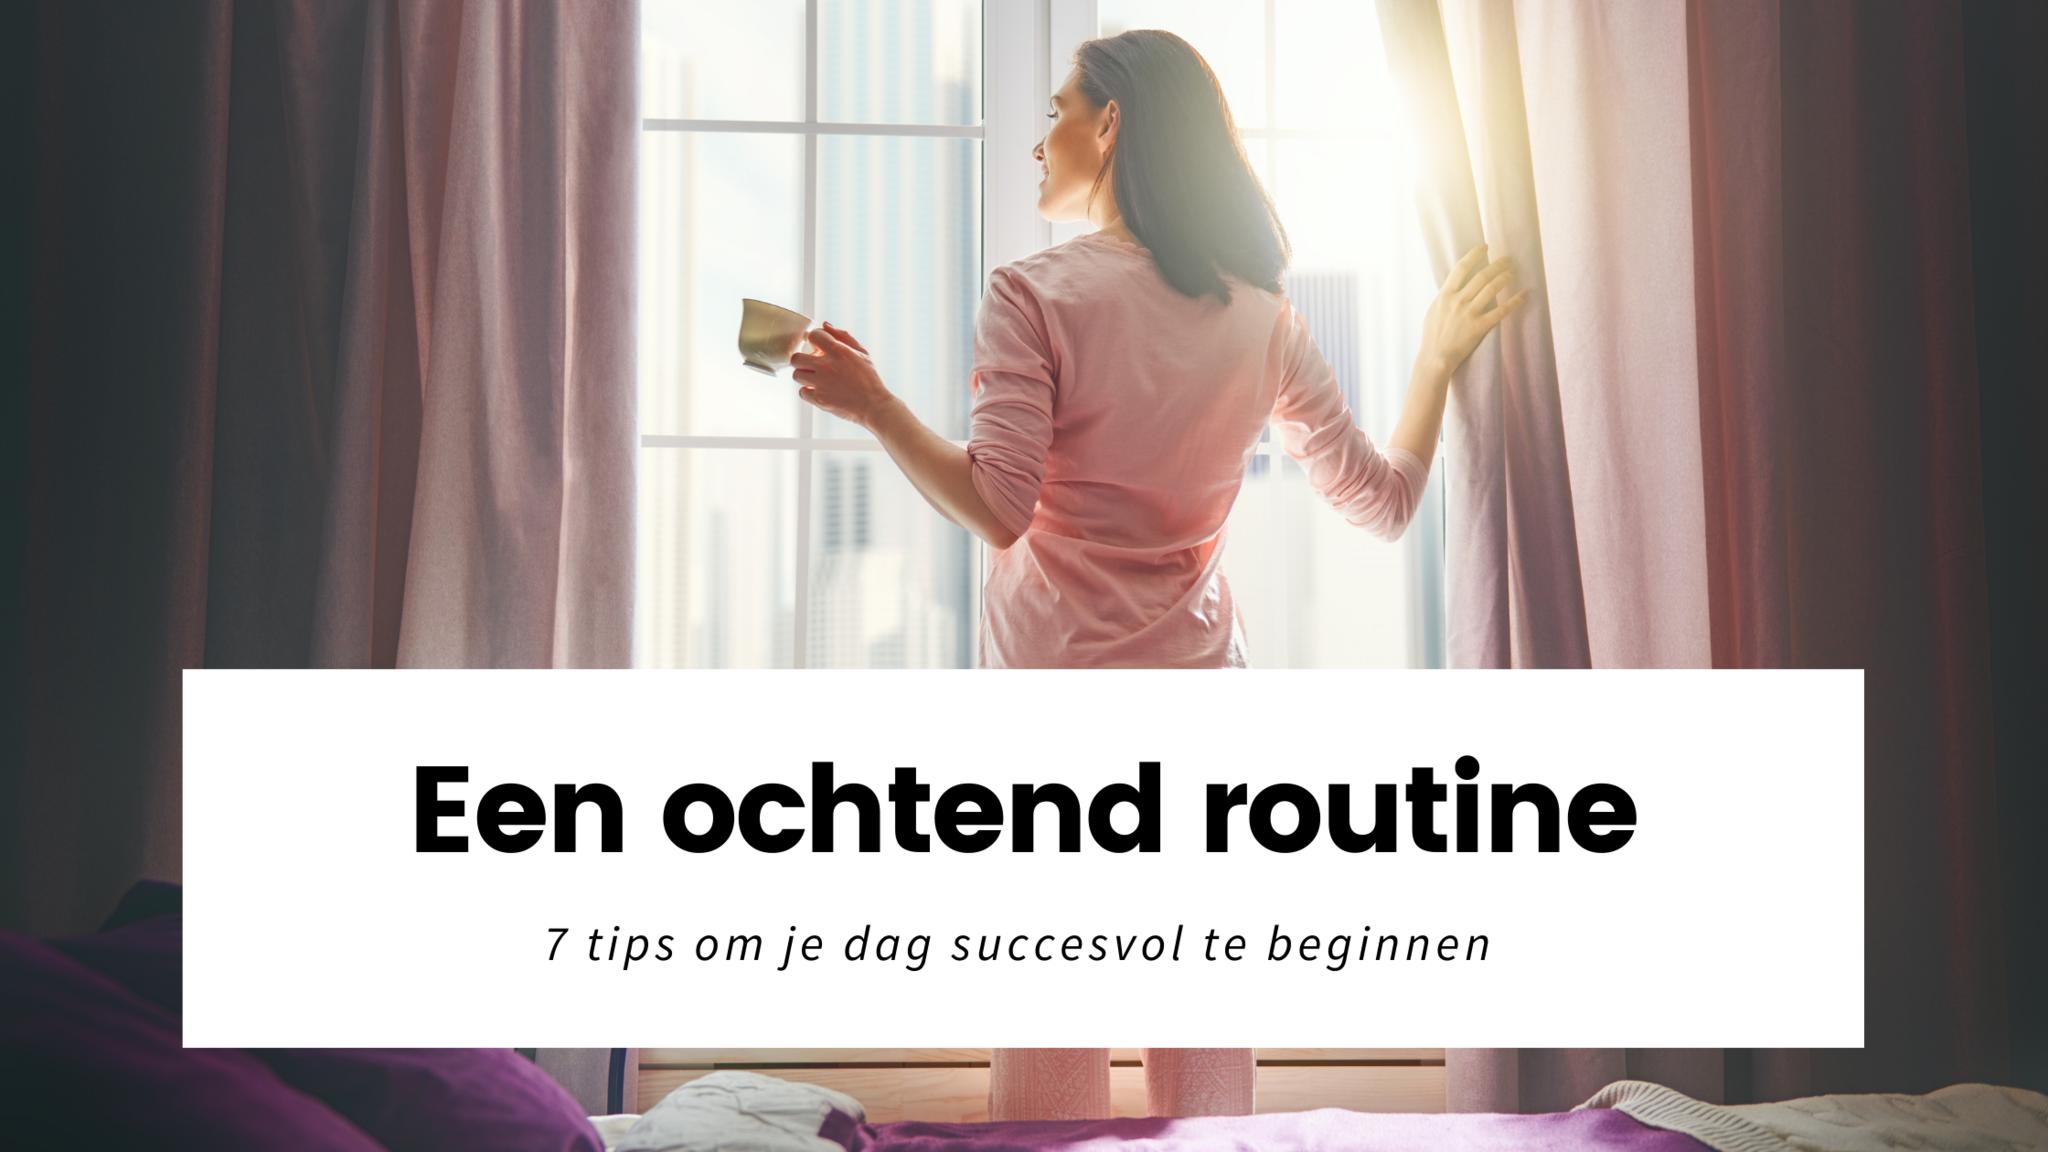 Een ochtendroutine: 7 tips om je dag succesvol te beginnen